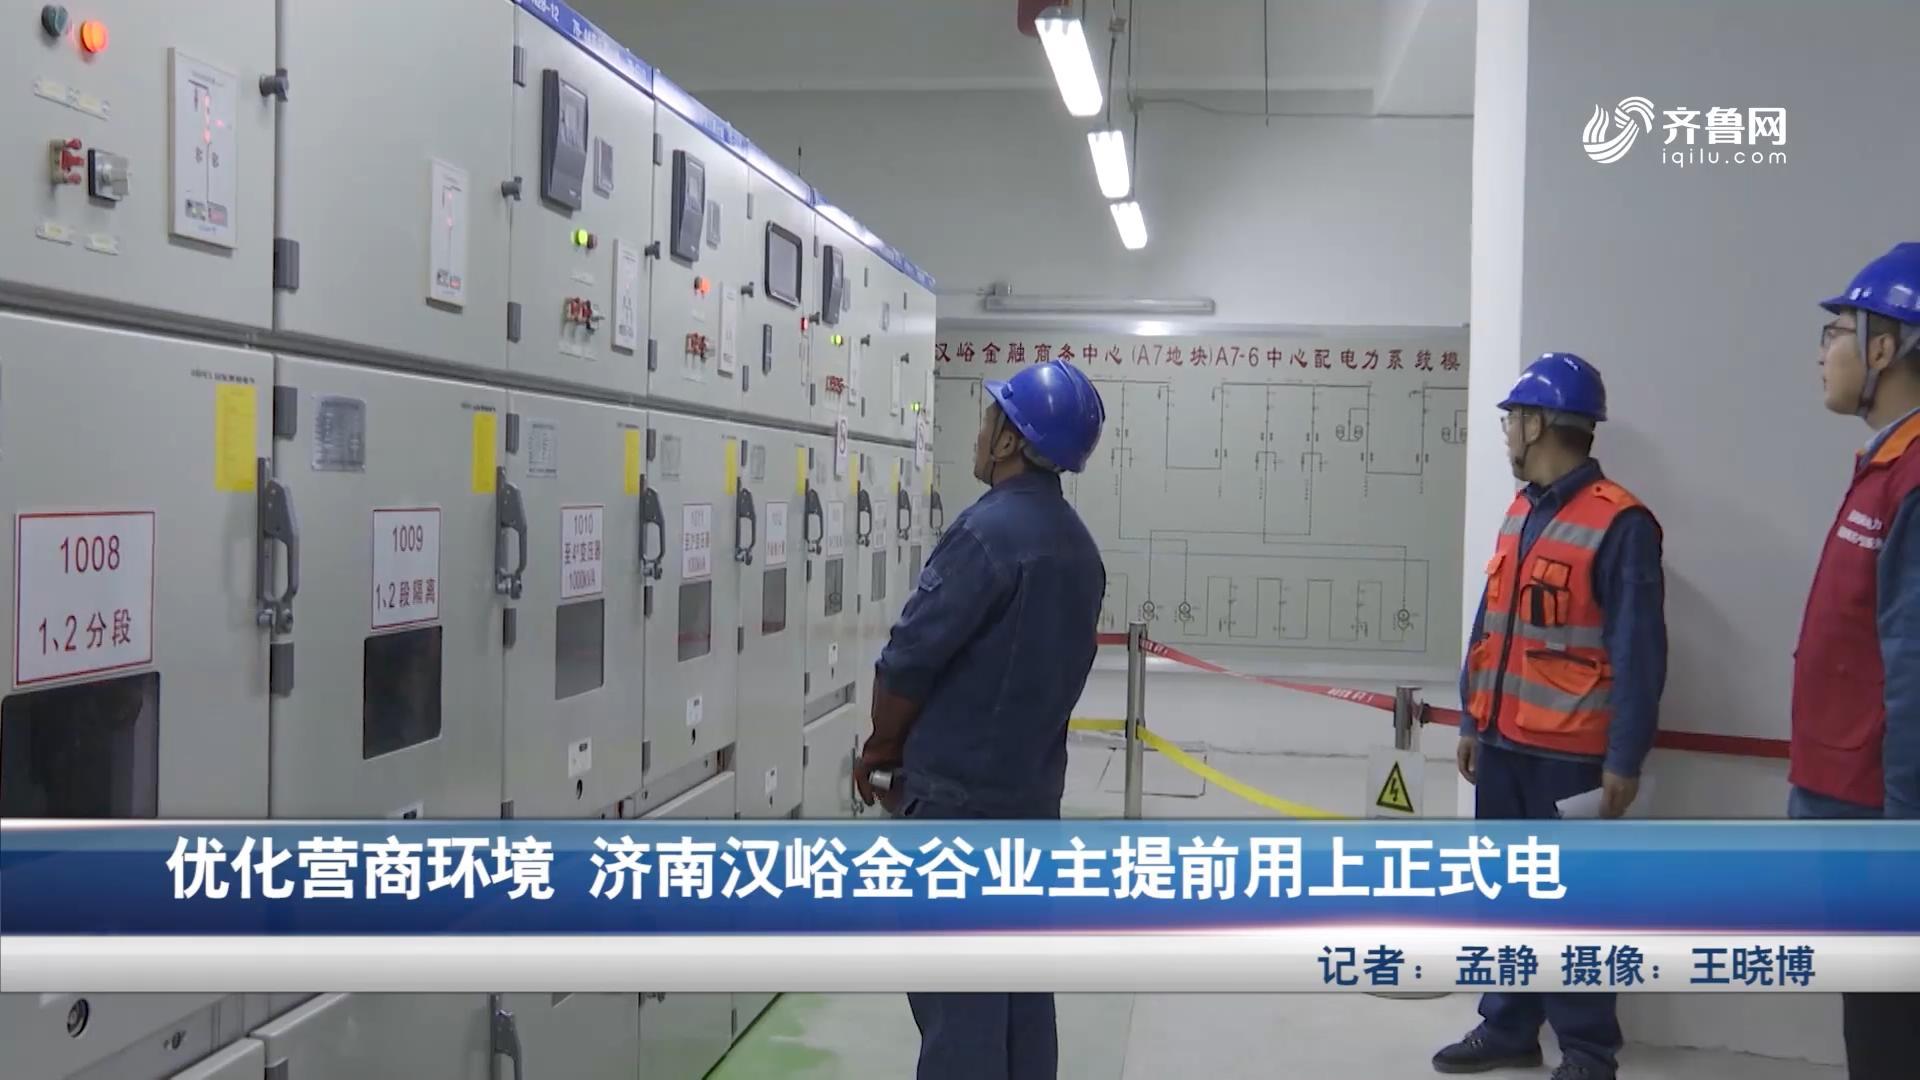 优化营商环境 济南汉峪金谷业主提前用上正式电